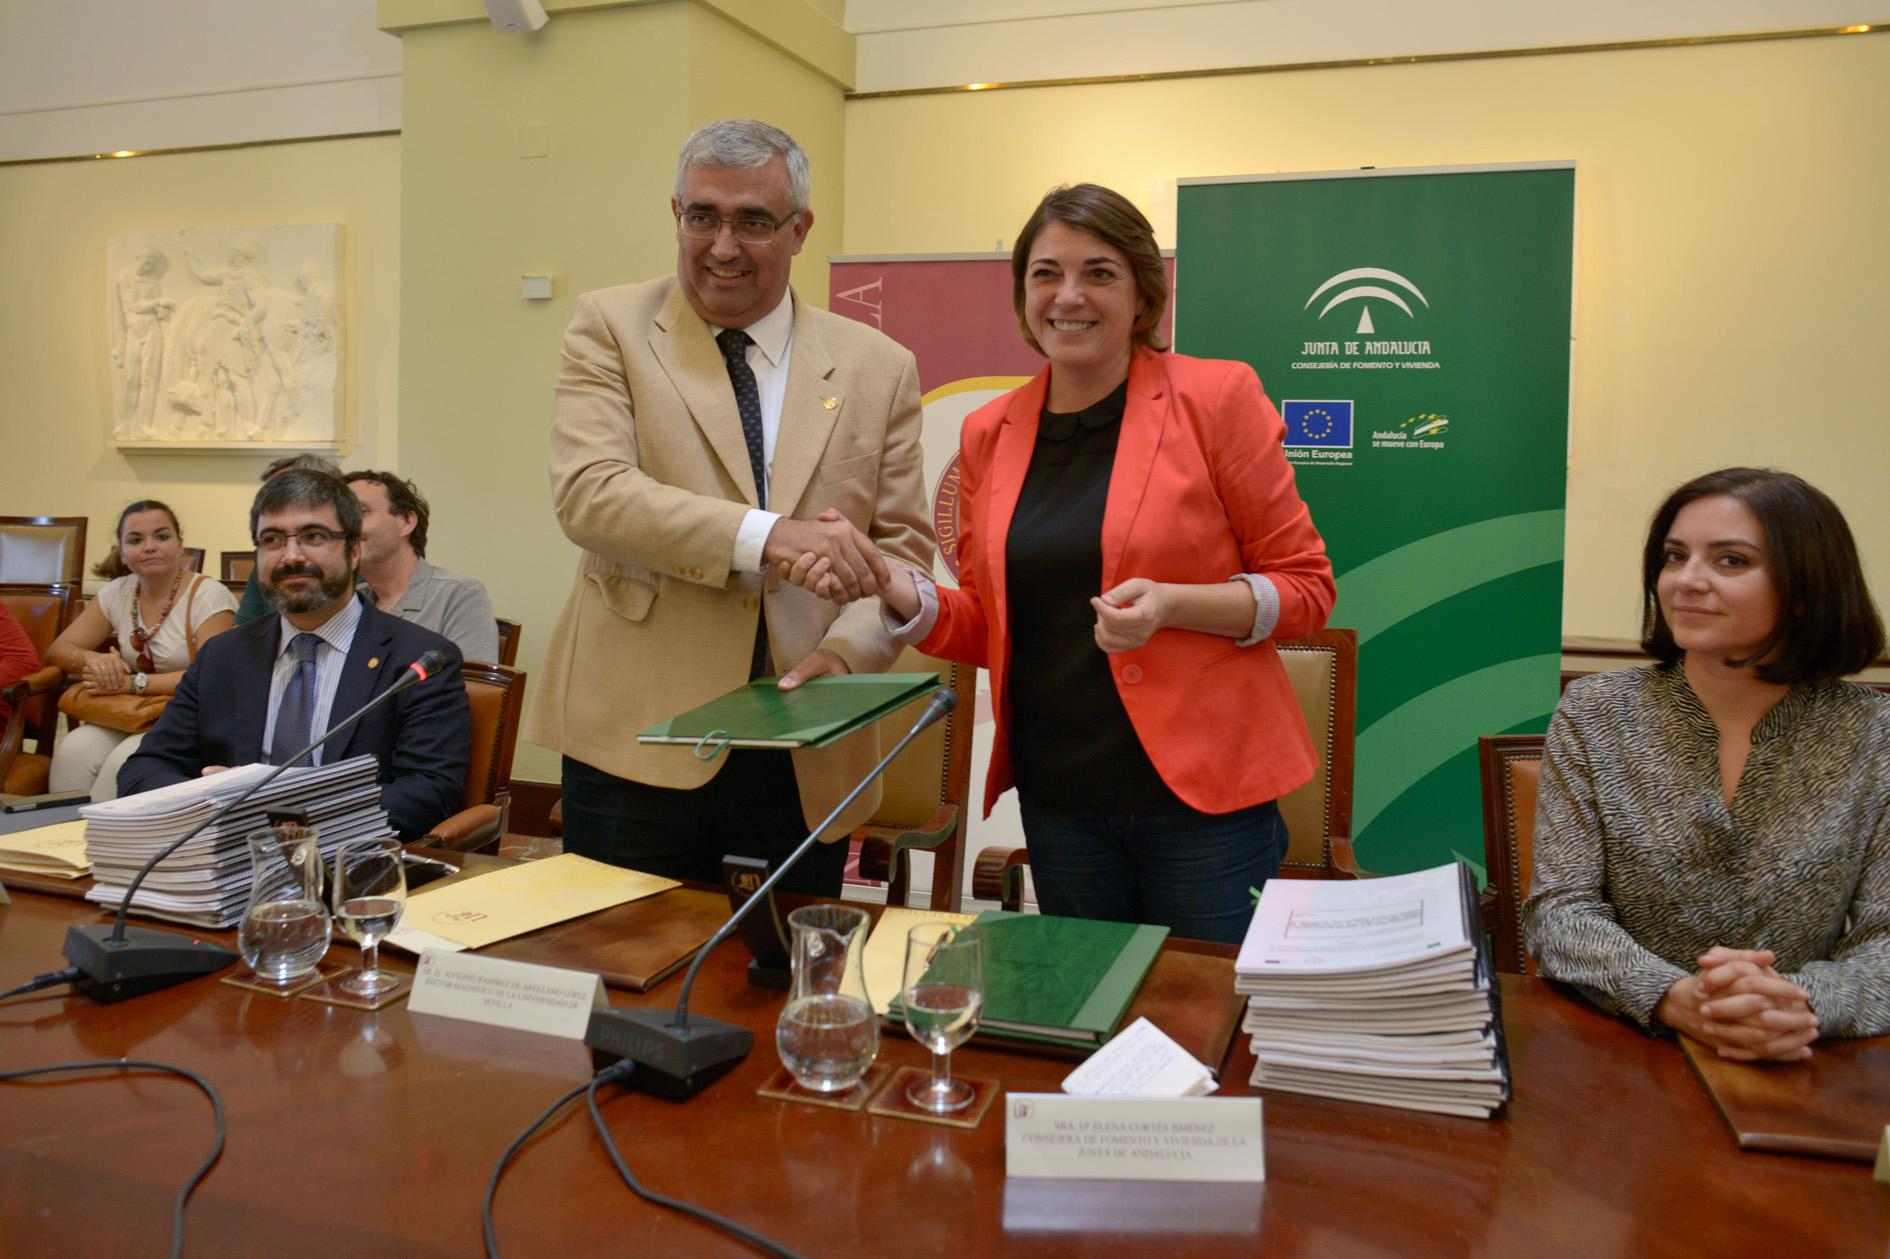 la consejera presidió el acto de firma de los convenios, junto al rector de la Hispalense.